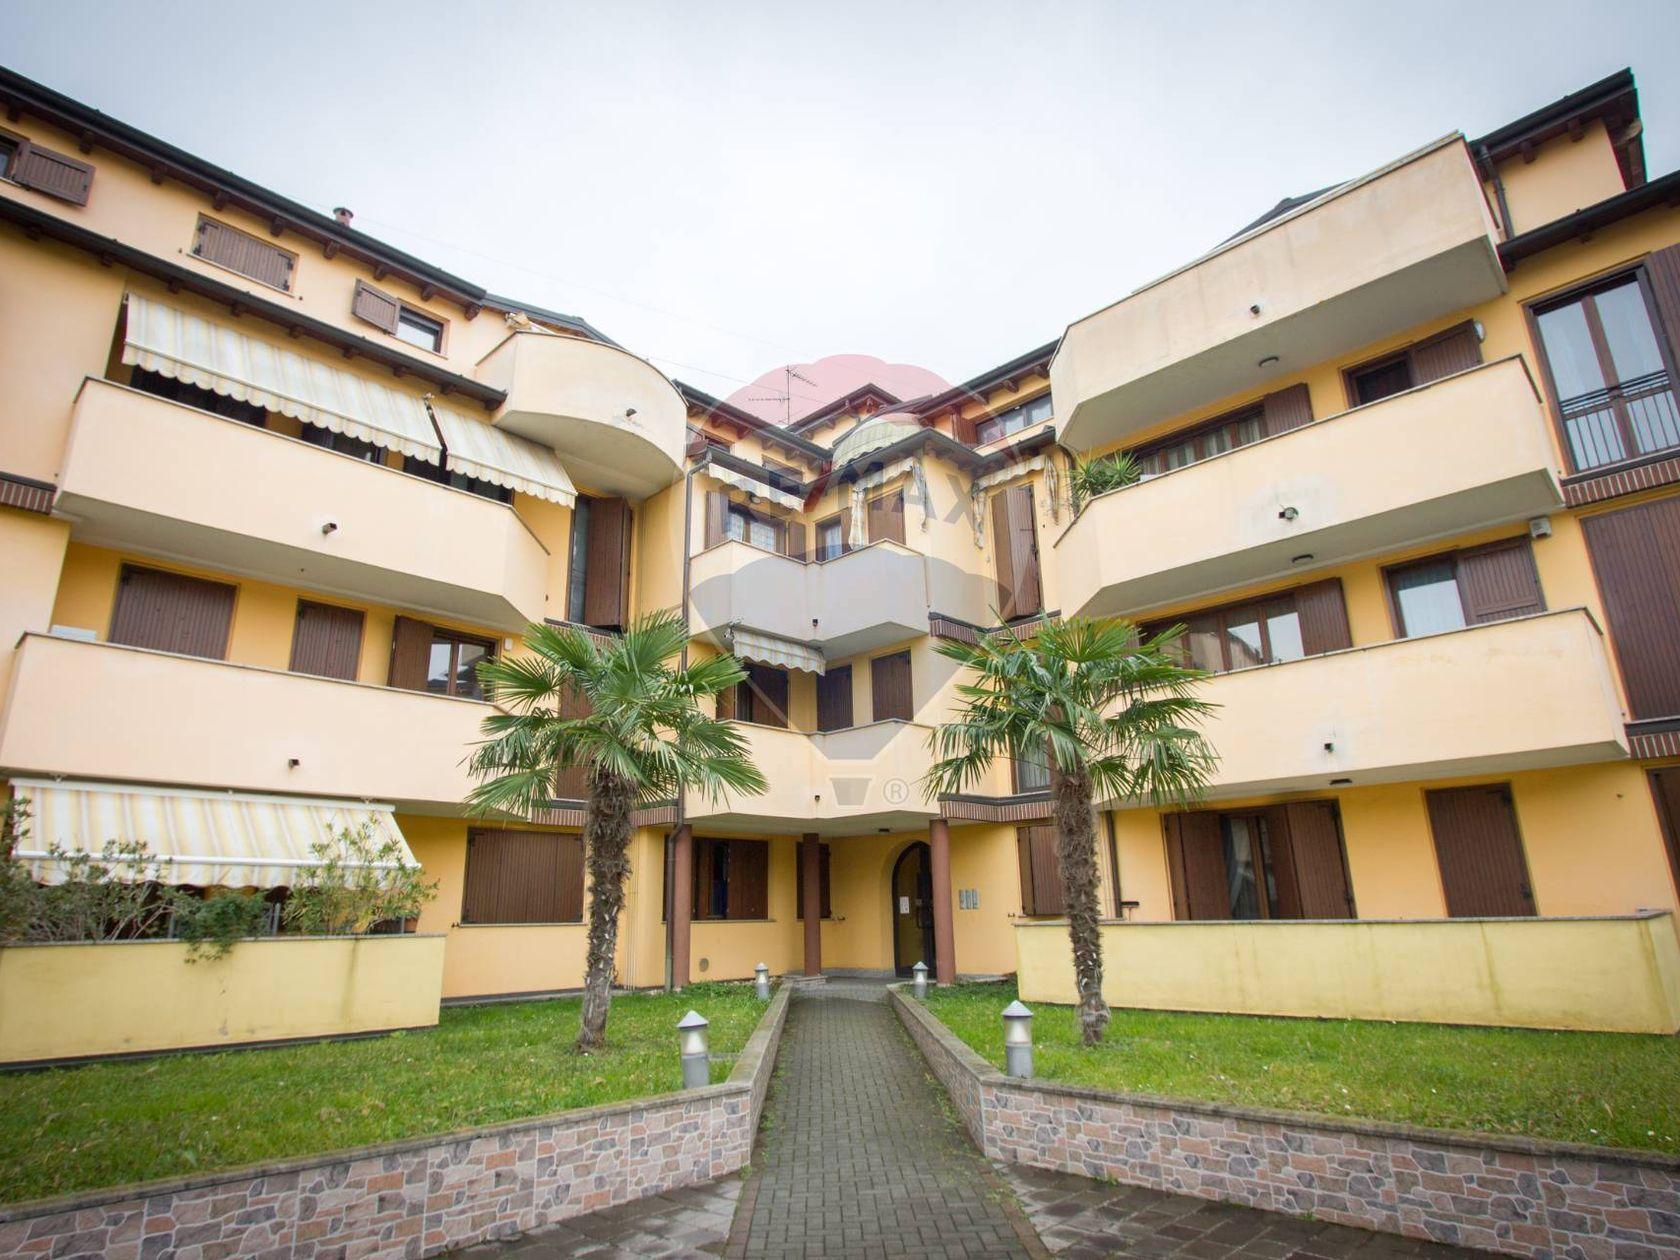 Agenzie Immobiliari Cologno Monzese appartamento in vendita cologno monzese 32581002-63   re/max